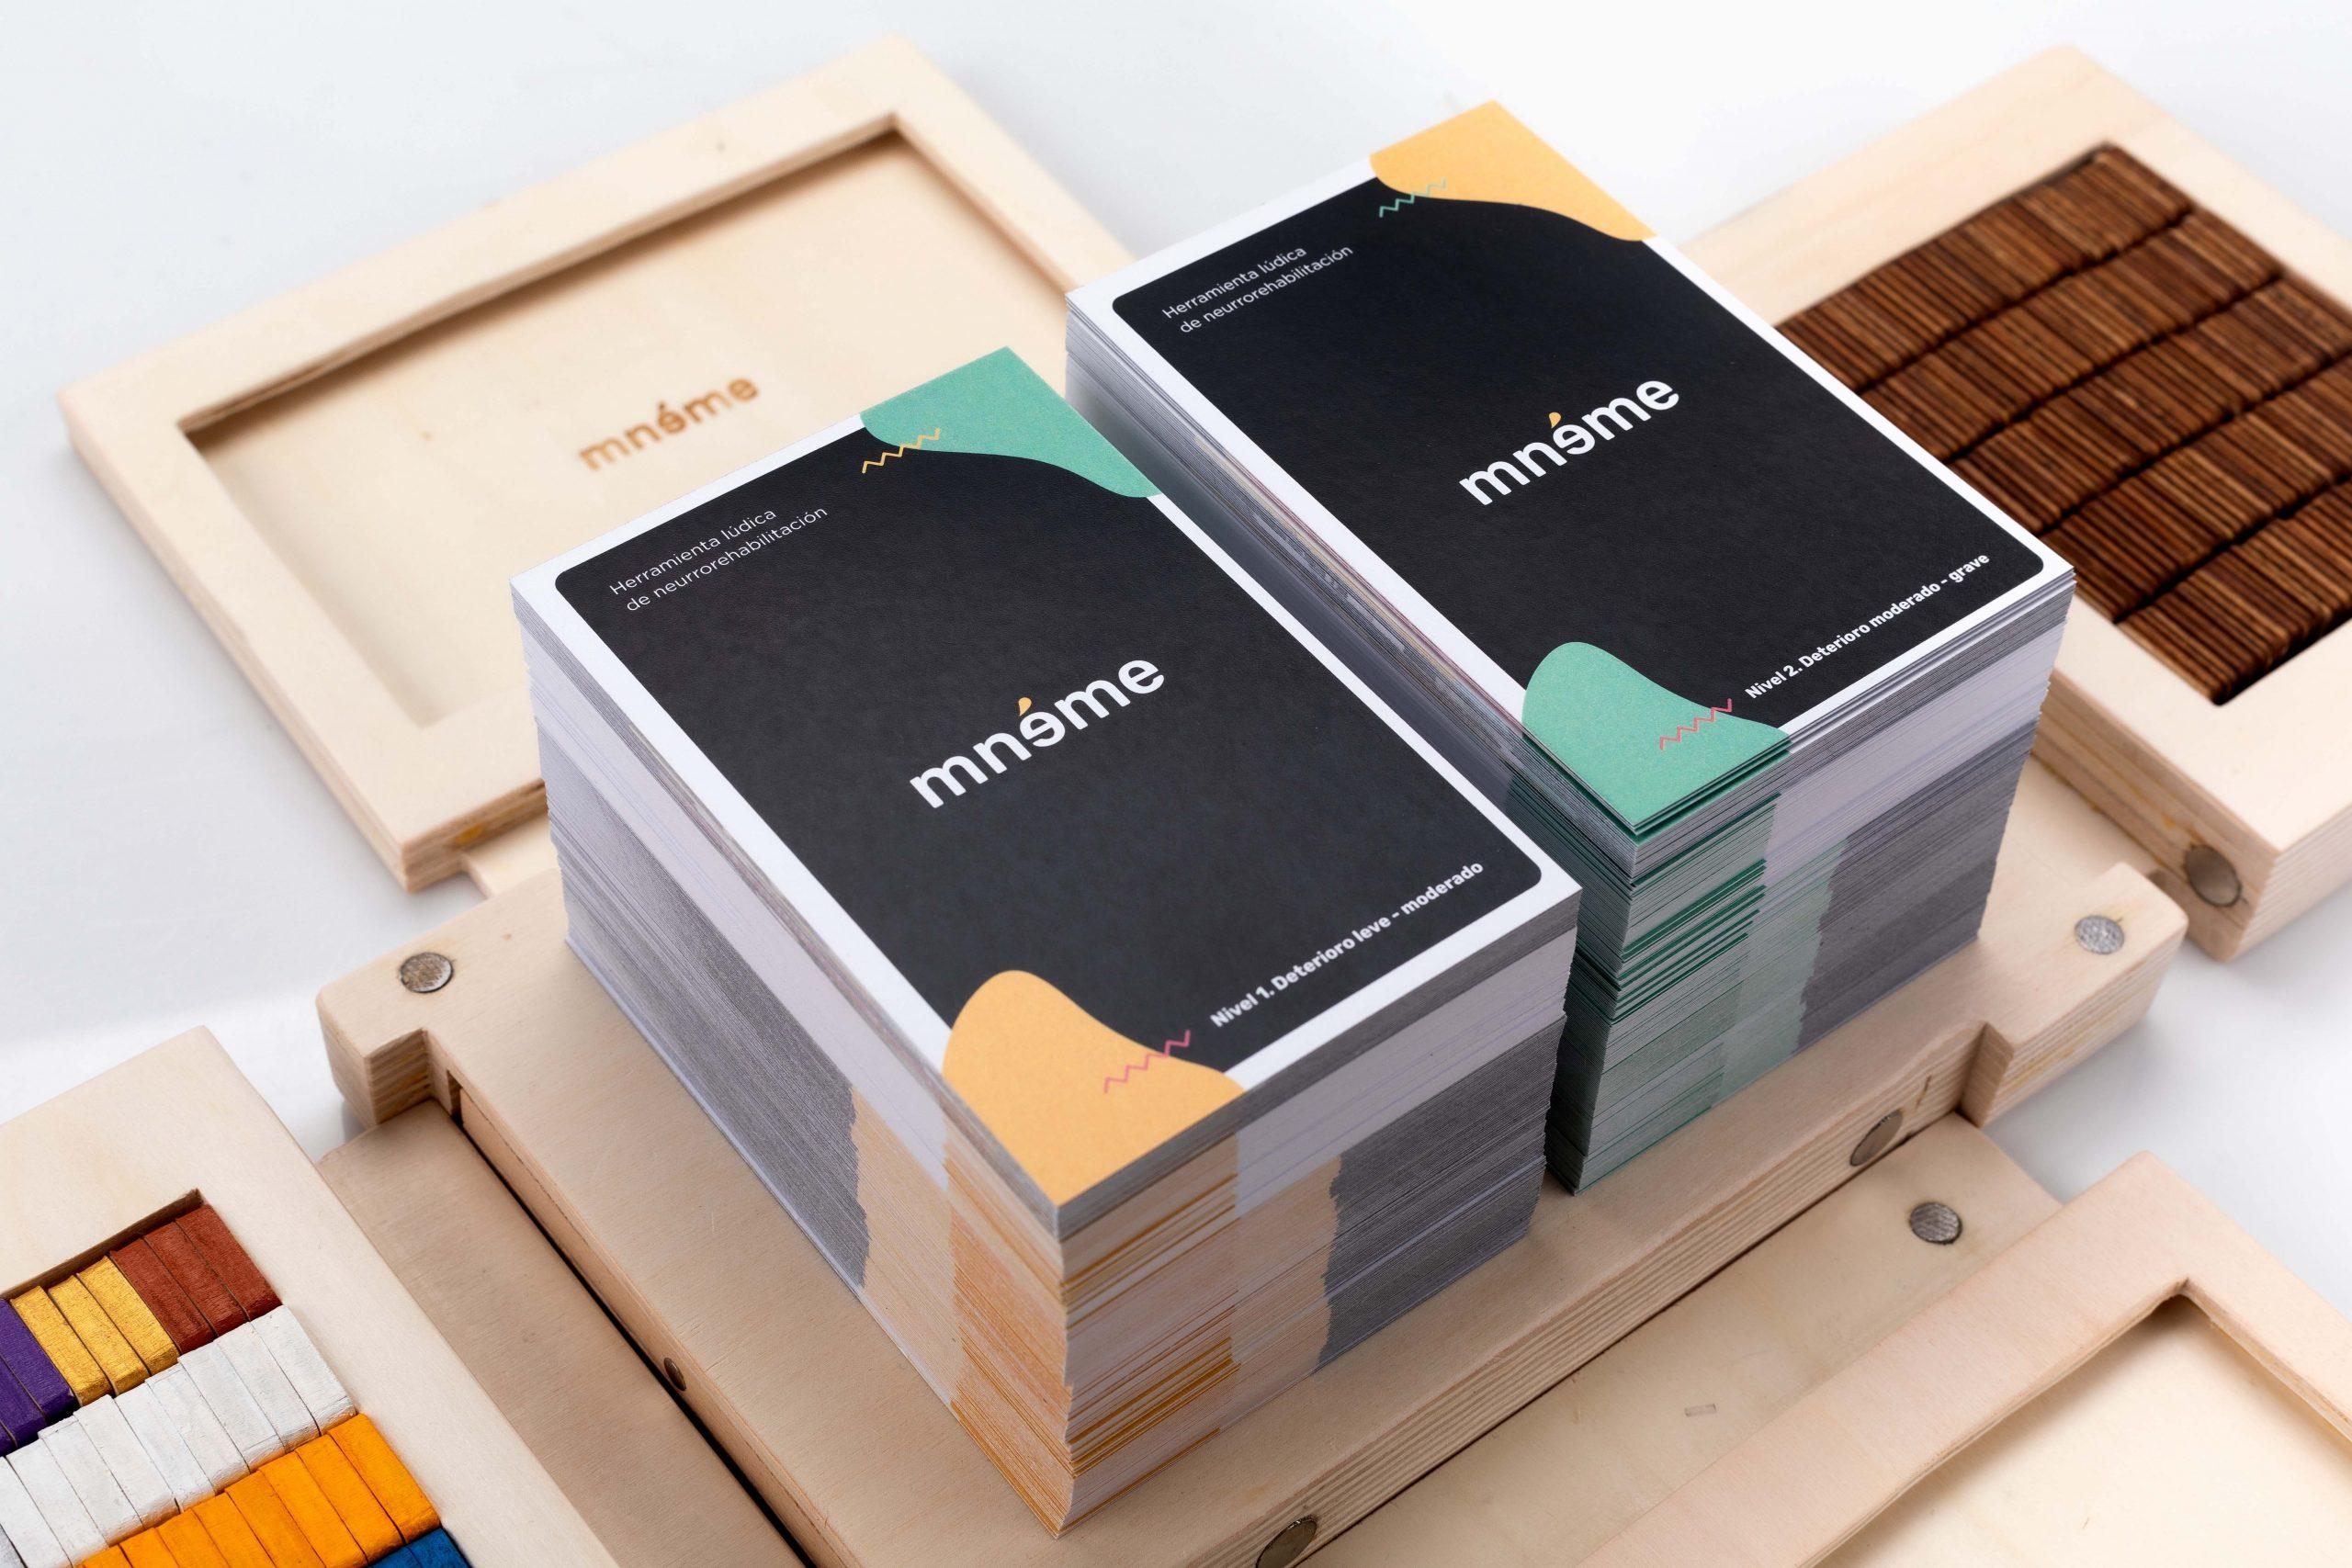 mnéme, pfg, proyecto final de grado, diseño gráfico, graphic design, disseny gràfic, pentawards, gamudeamus projecta